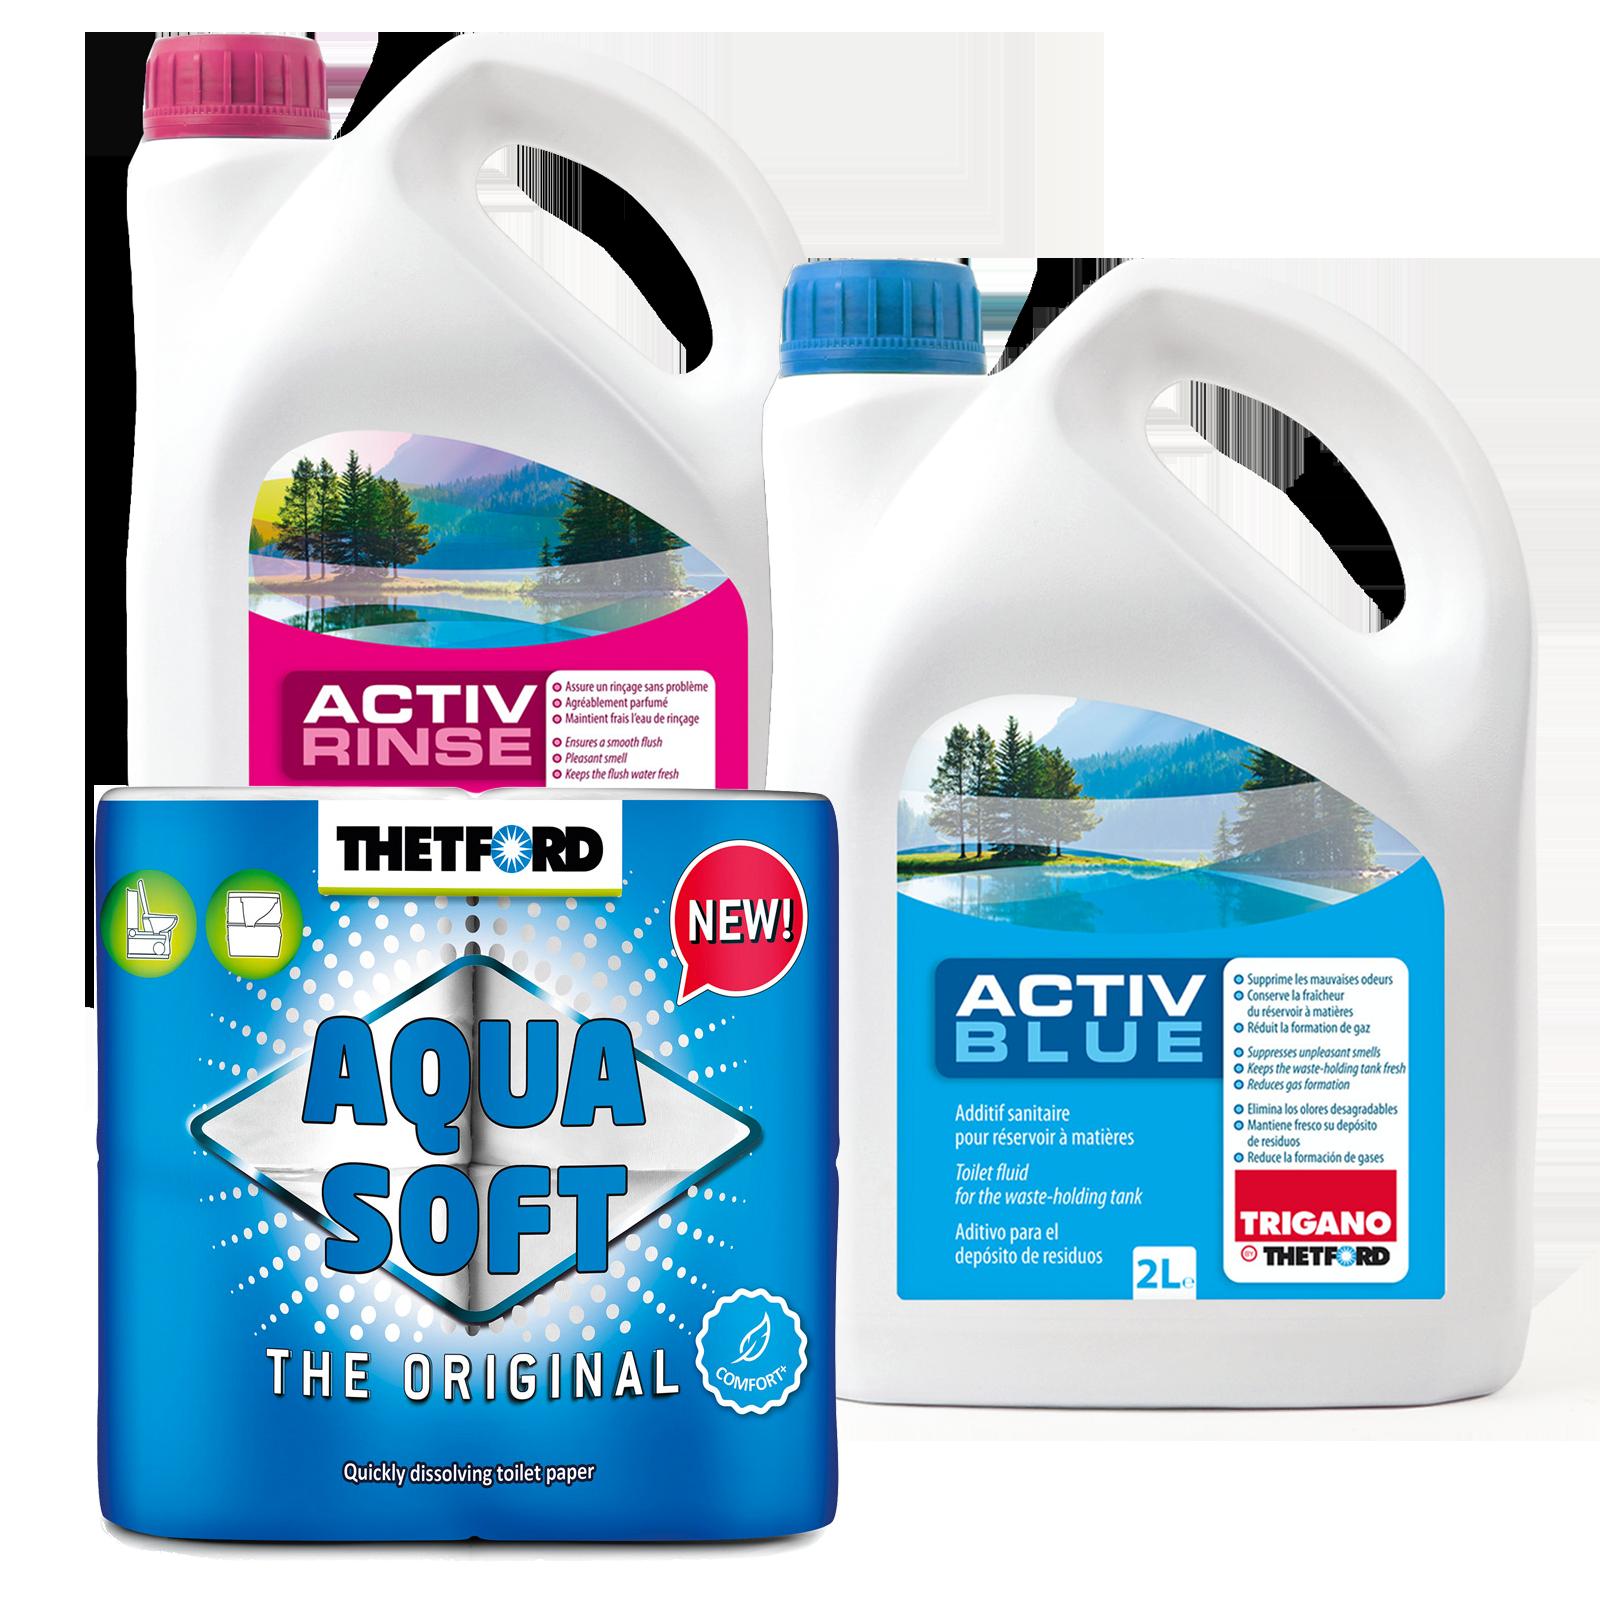 Set Thetford Activ Blue & Activ Rinse Toiletten Zusatz je 2 Liter + Aqua Soft